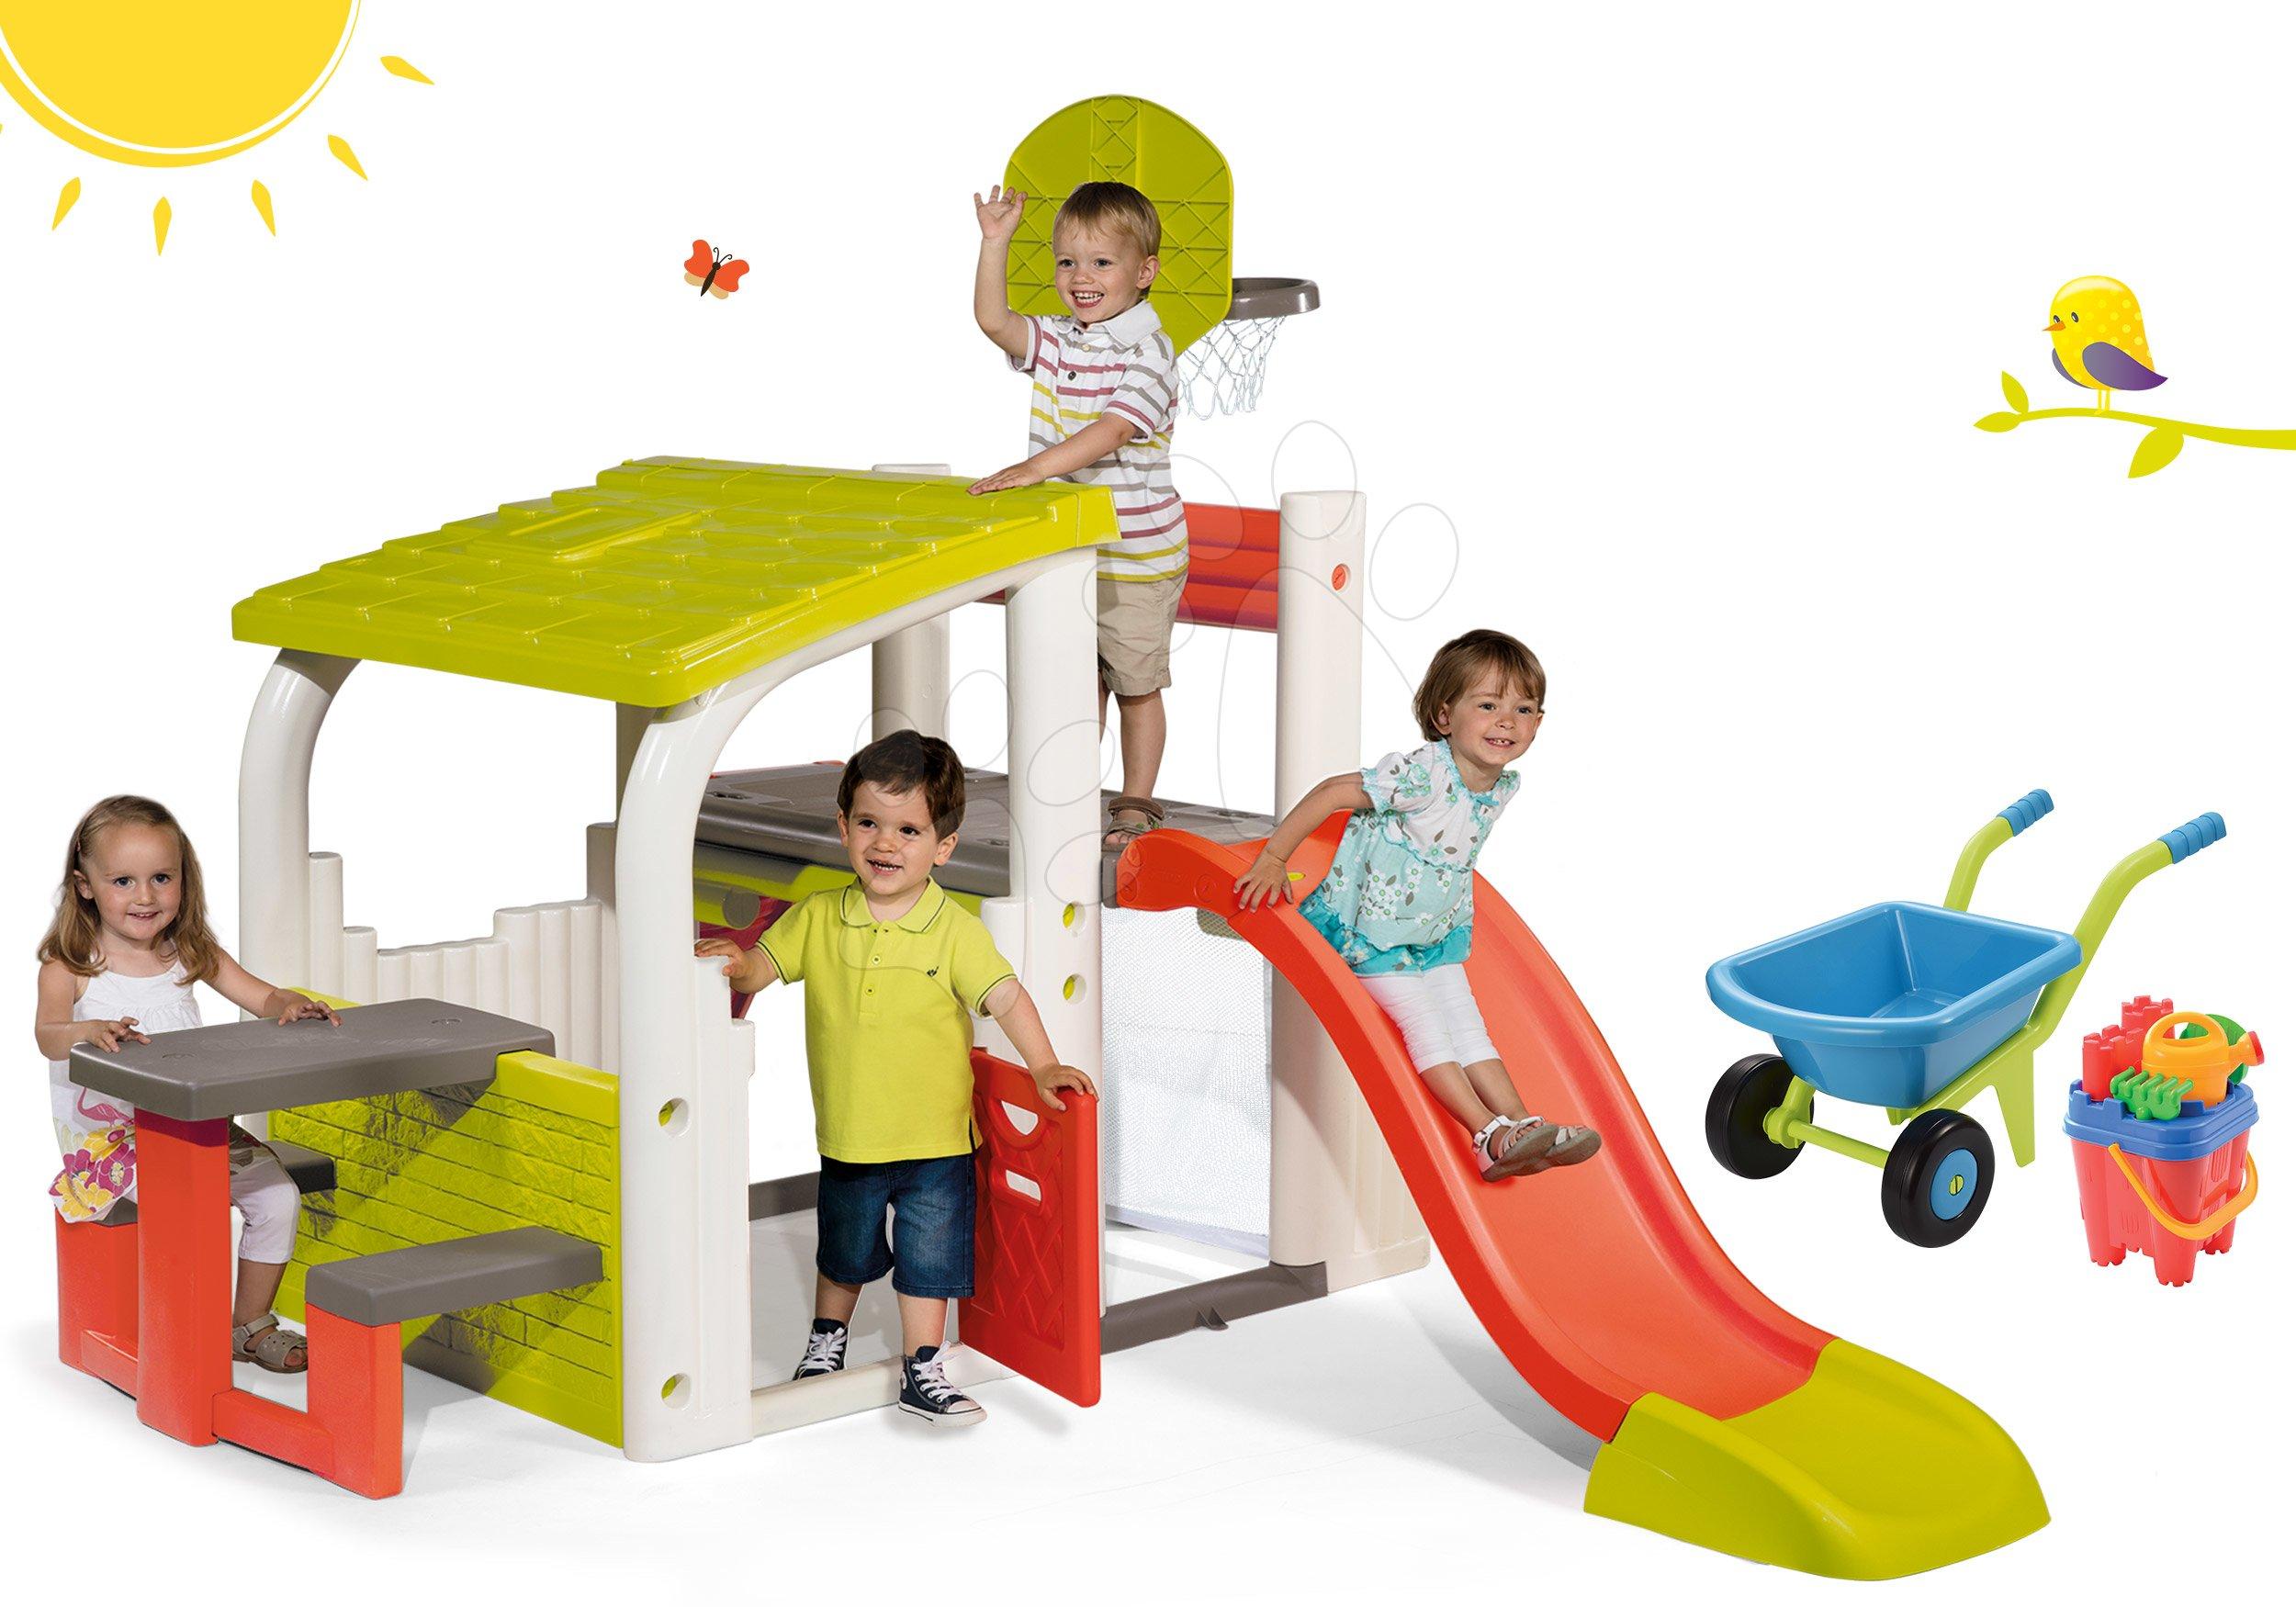 Set hrací centrum Fun Center Smoby se skluzavkou 150 cm a kolečko s kbelík setem od 24 měsíců